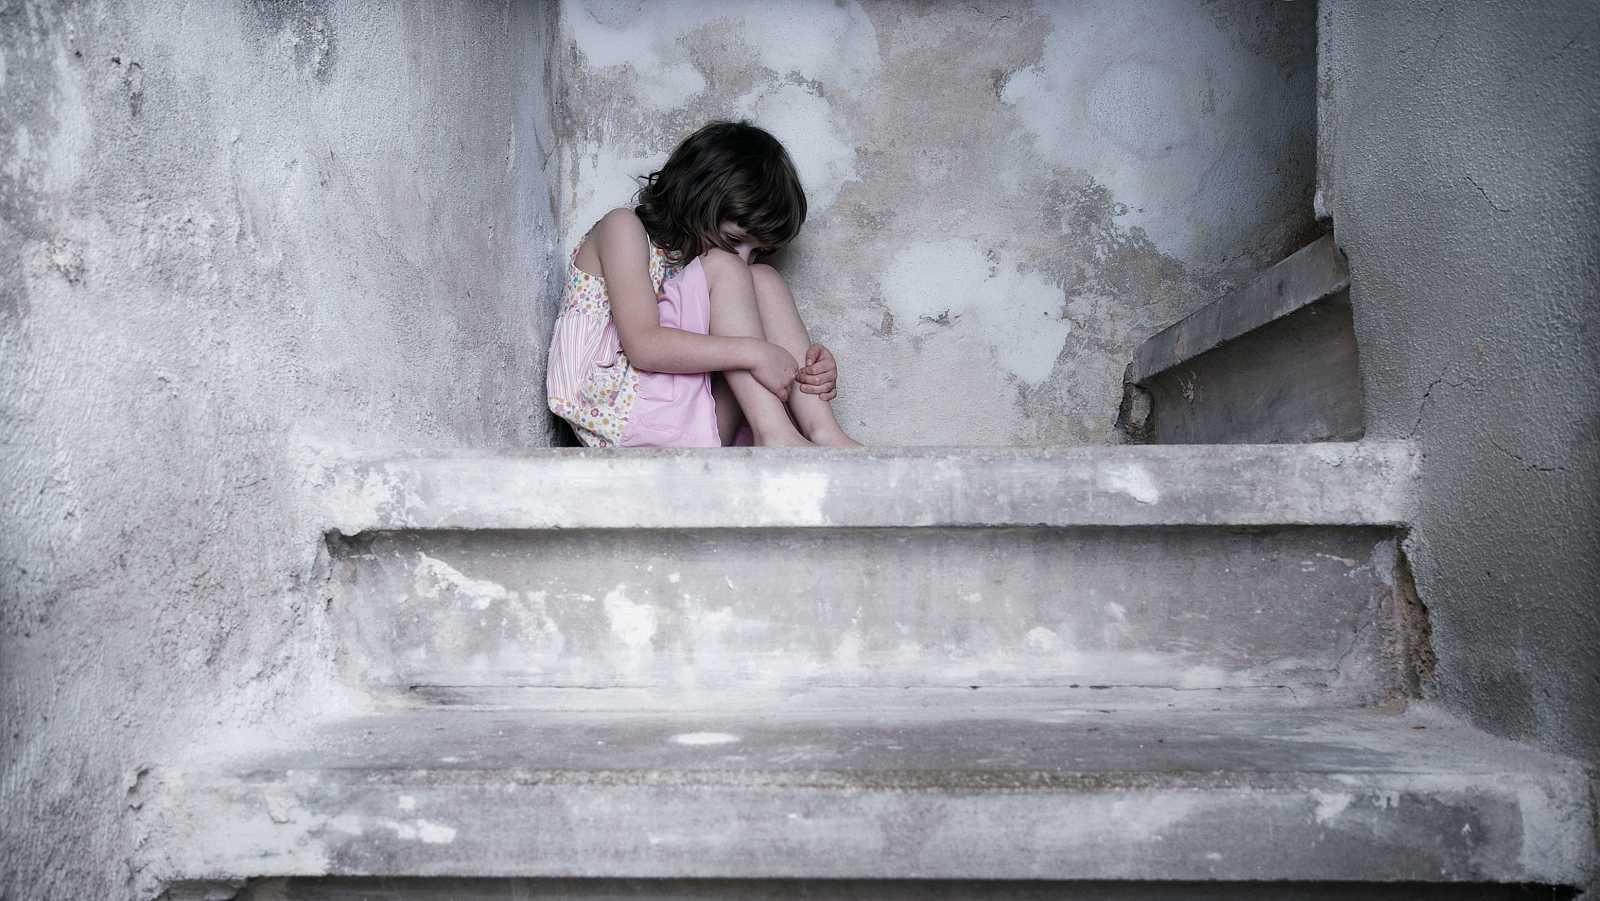 El Comité de la ONU evalúa el caso de una niña peruana violada y denunciada por abortar.